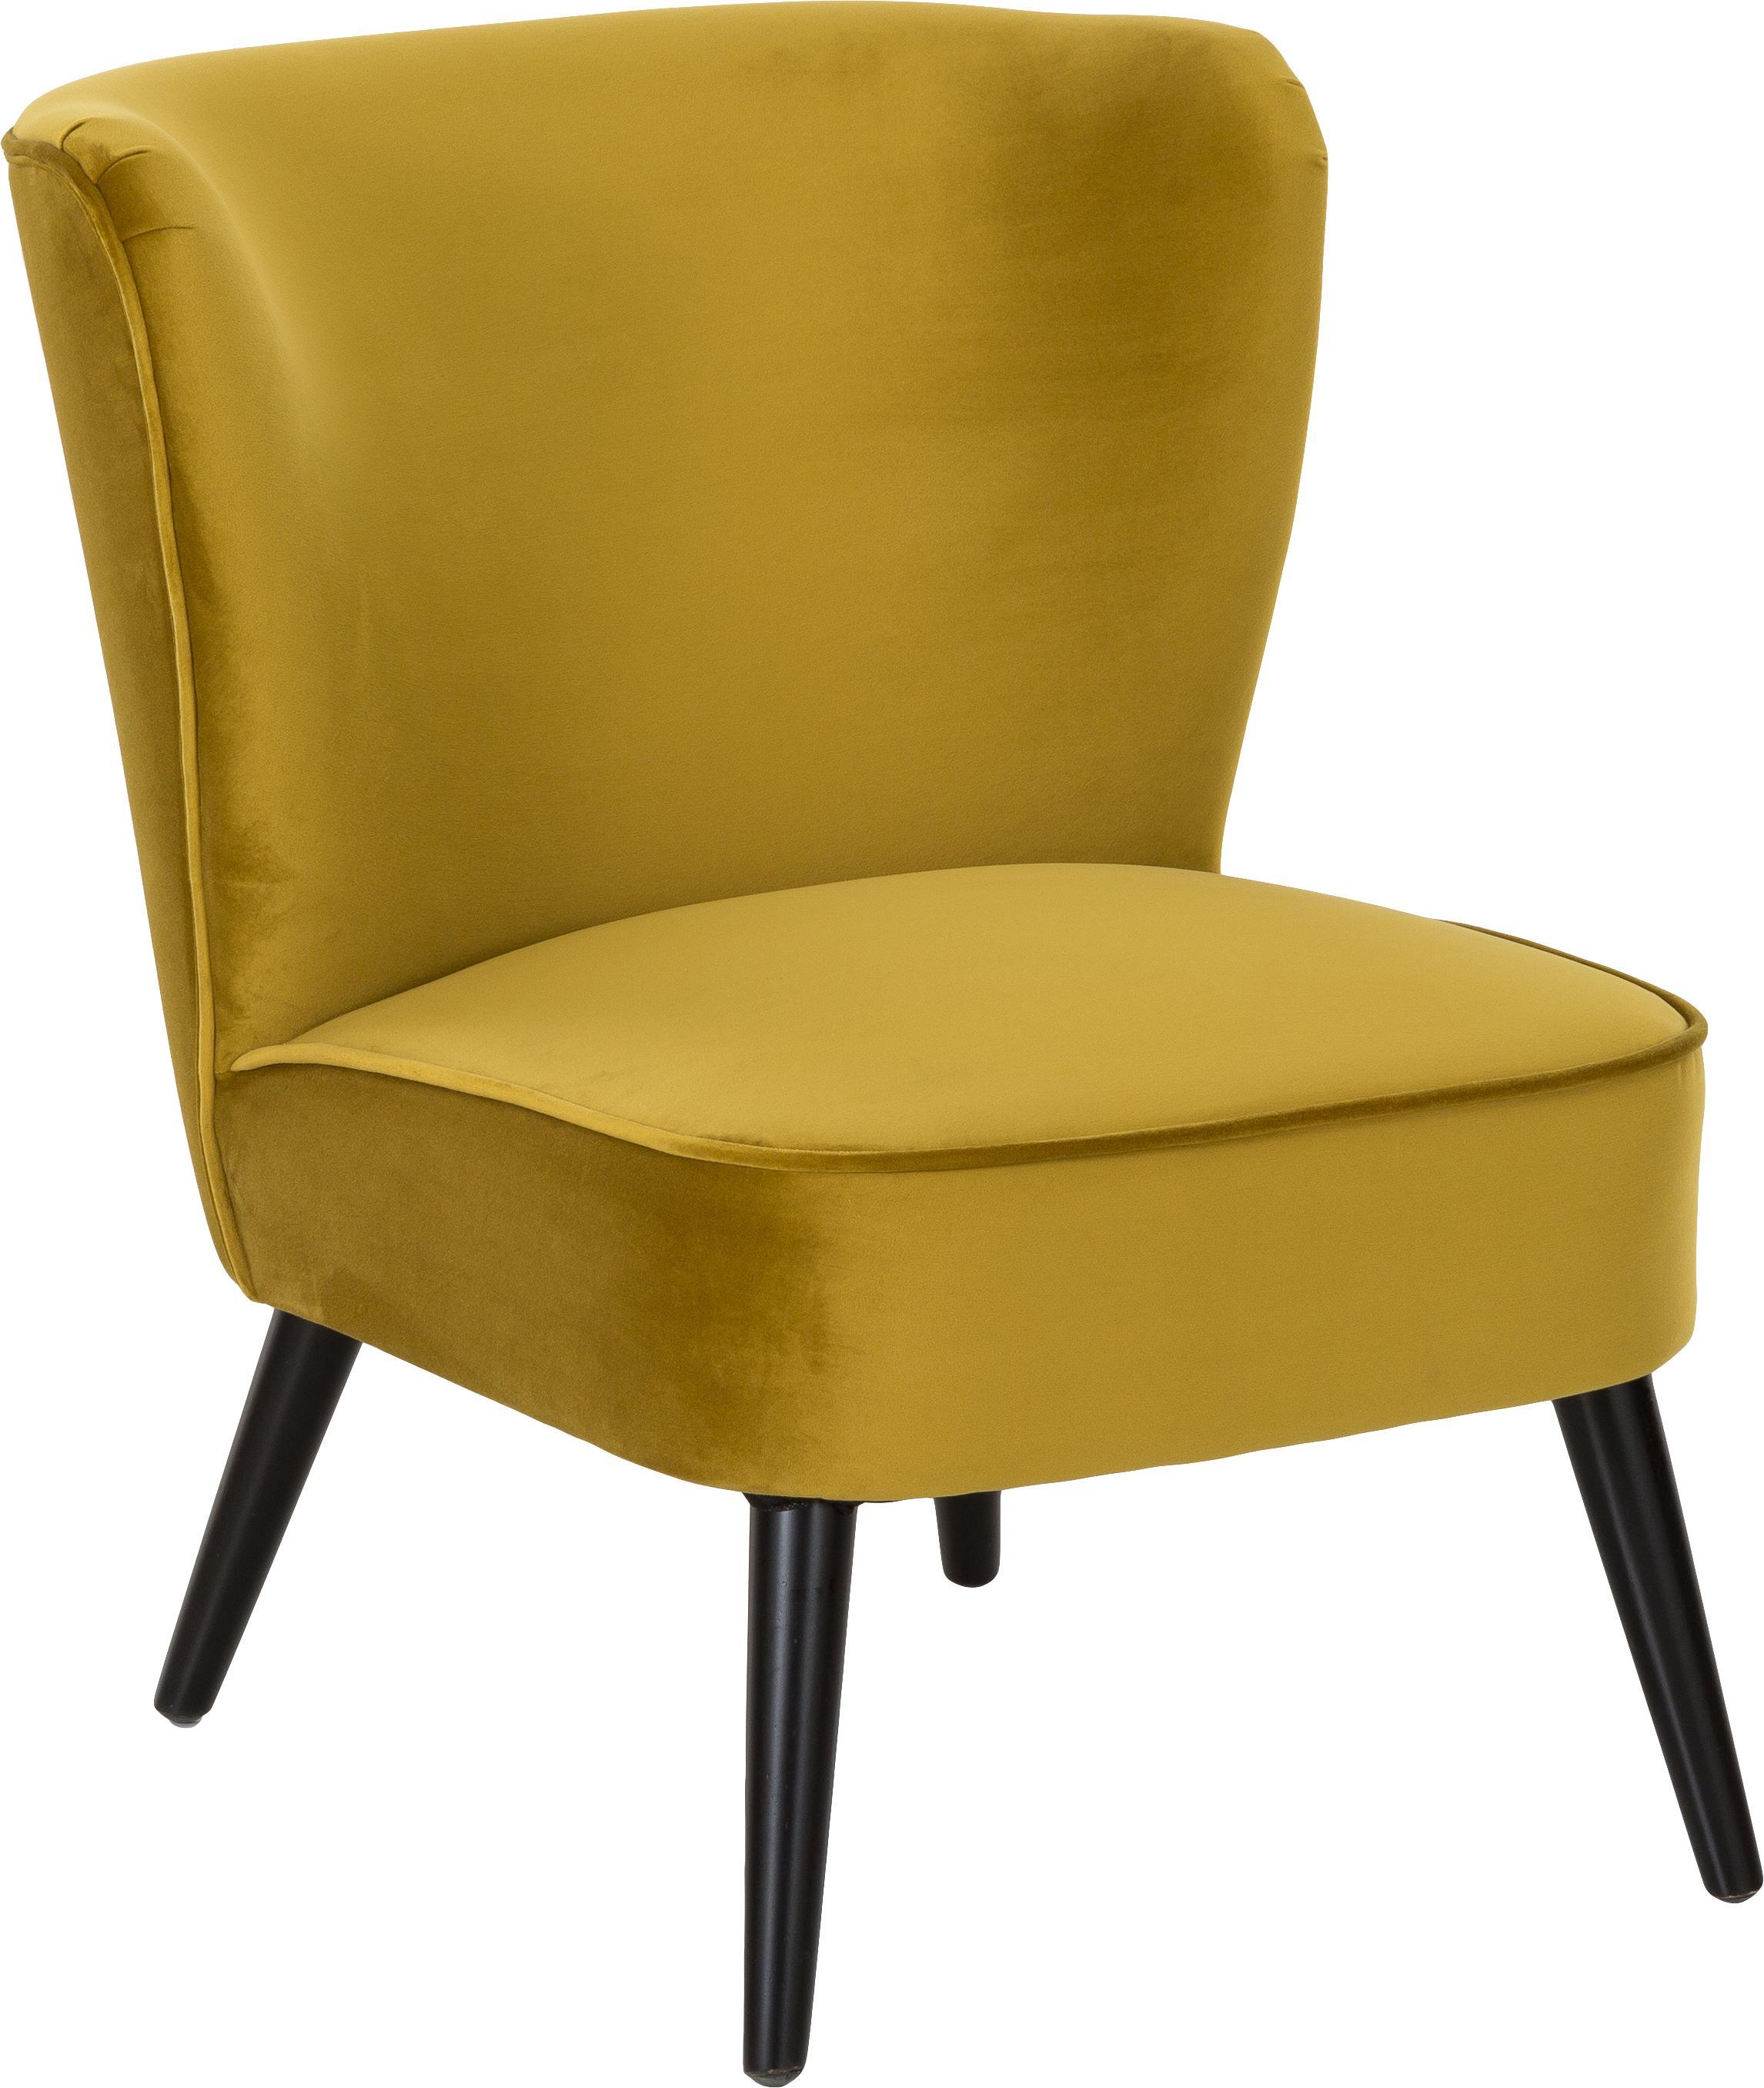 Poltrona do cocktail in velluto Robine in giallo oliva, Rivestimento: velluto (poliestere) 30.0, Gambe: legno di pino verniciato, Giallo oliva, Larg. 63 x Prof. 73 cm